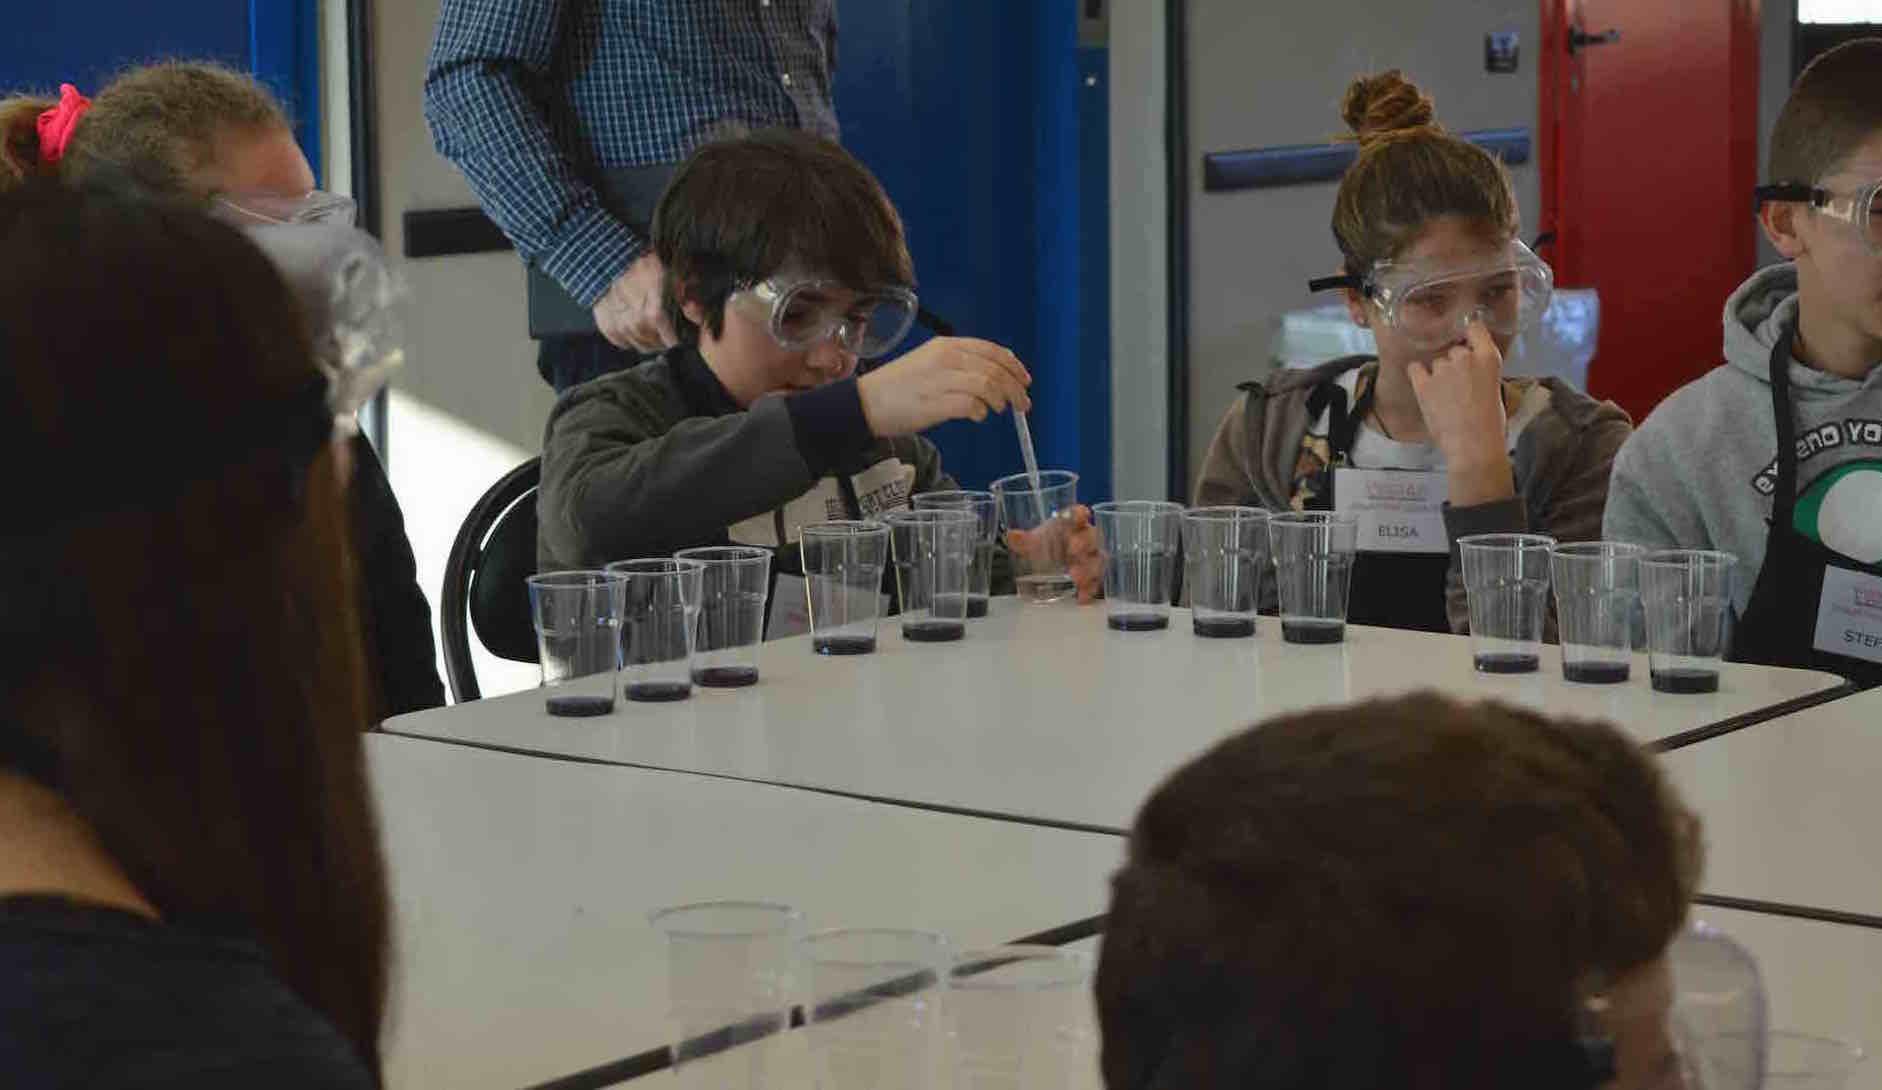 Laboratorio scientifico per ragazzi a Gessate